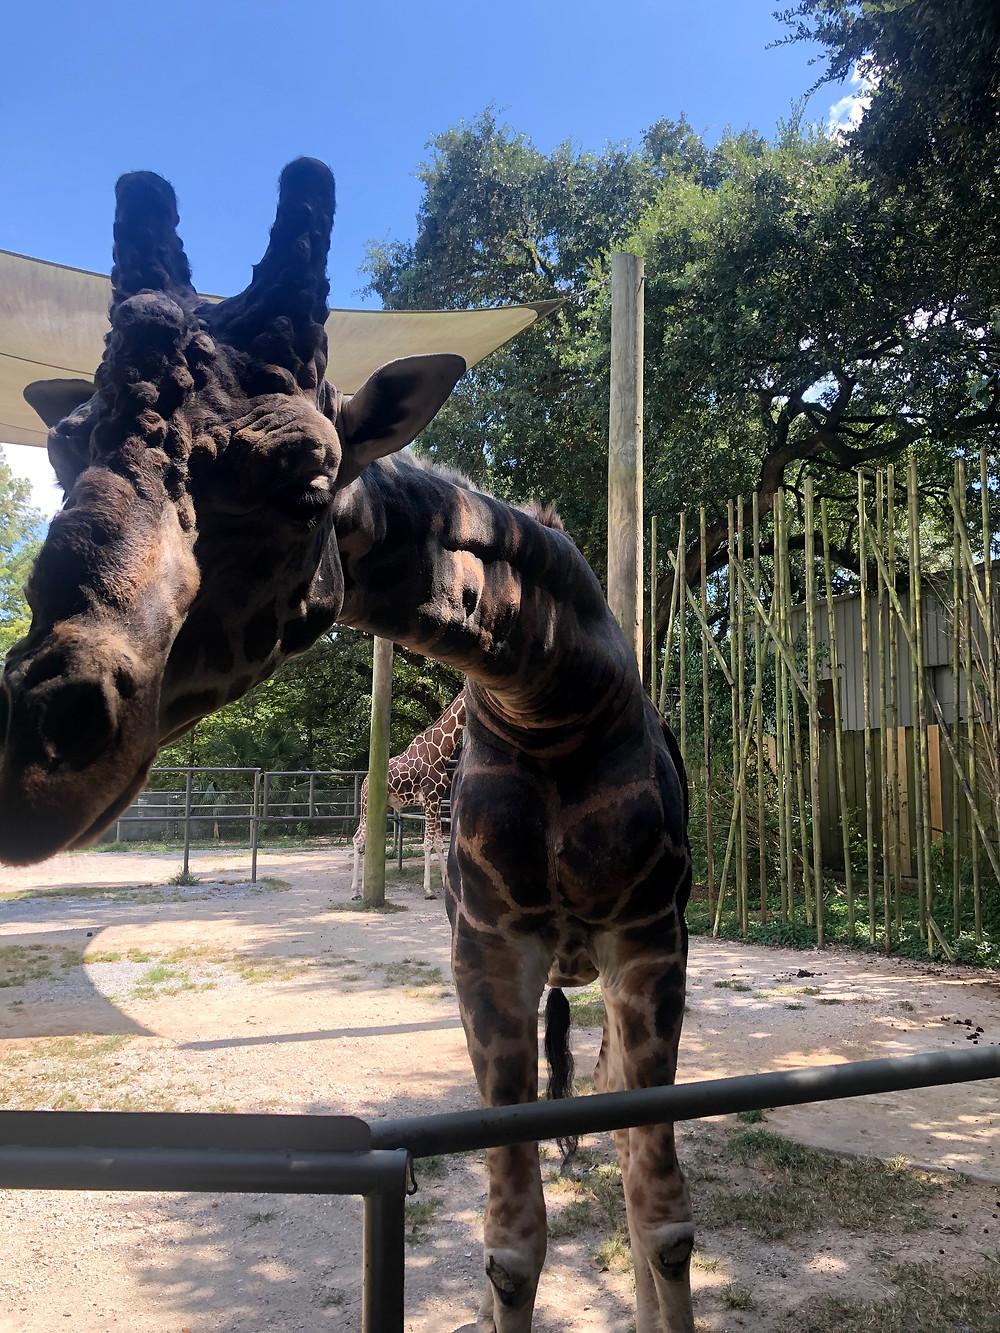 Giraffe encounter at AZA!